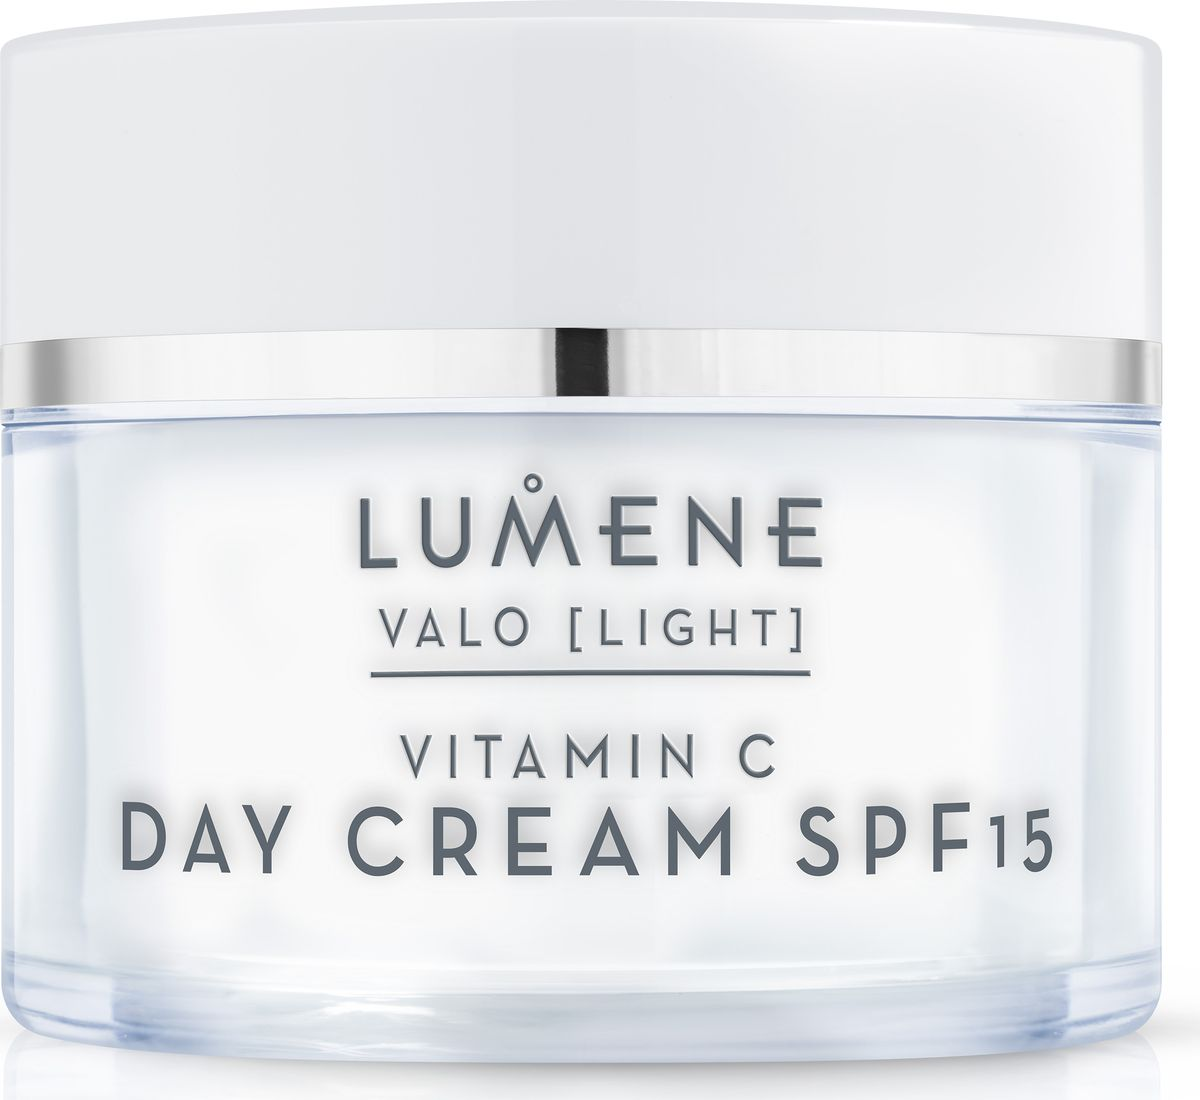 Lumene Valo Дневной крем SPF 15 Vitamin C, 50 мл086-9-37241Дневной крем восстанавливает баланс влаги в коже, улучшает и выравнивает цвет лица, борется с появлением первых признаков старения. Светоотражающие пигменты мгновенно освежают цвет лица. Содержит солнцезащитный фильтр.